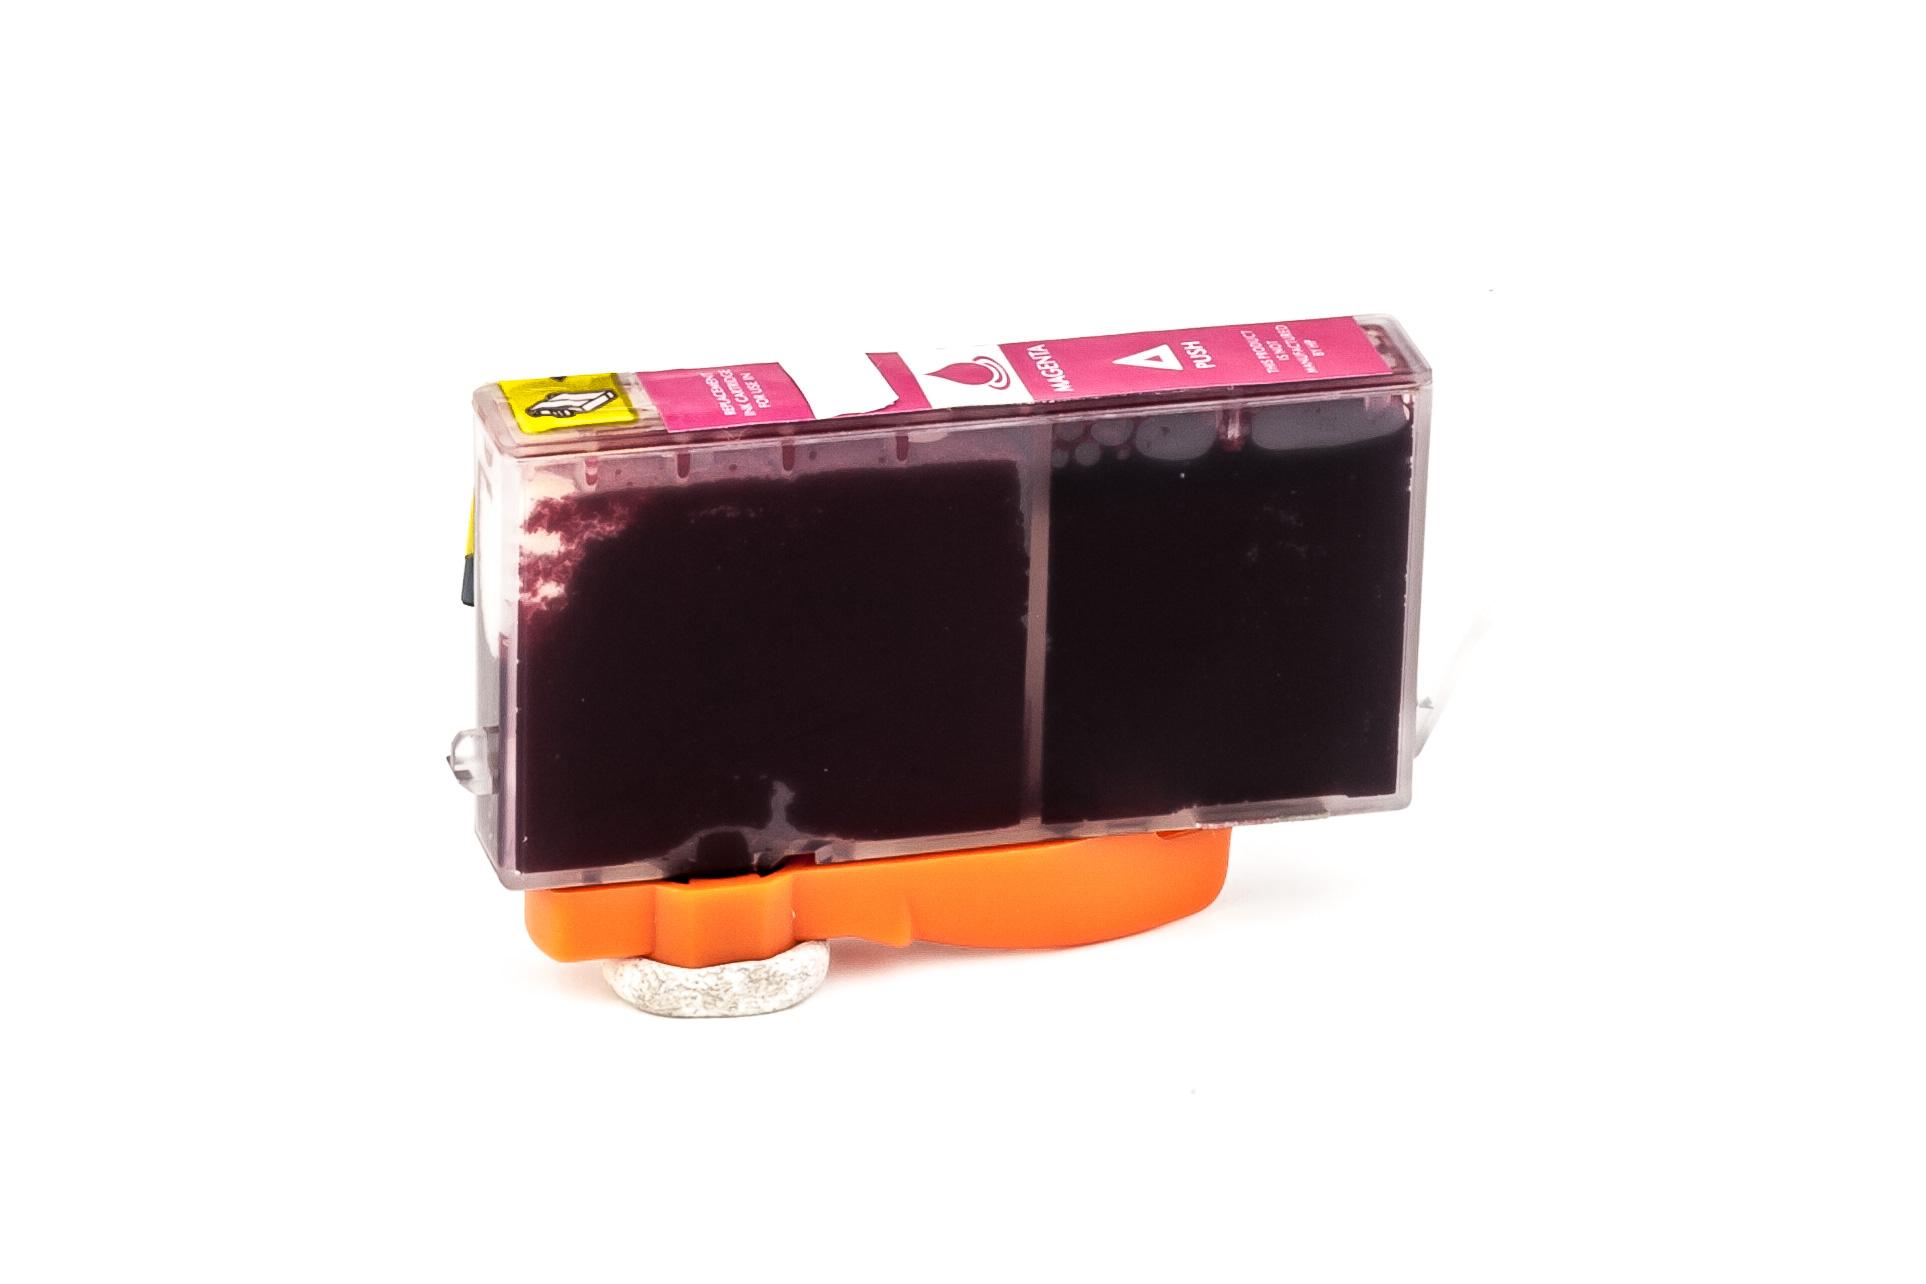 ASC-Premium-Tintenpatrone für HP PhotoSmart Wireless B 109 b magenta XL-Version PhotoSmart Wireless B 109 b PhotoSmartWirelessB109b